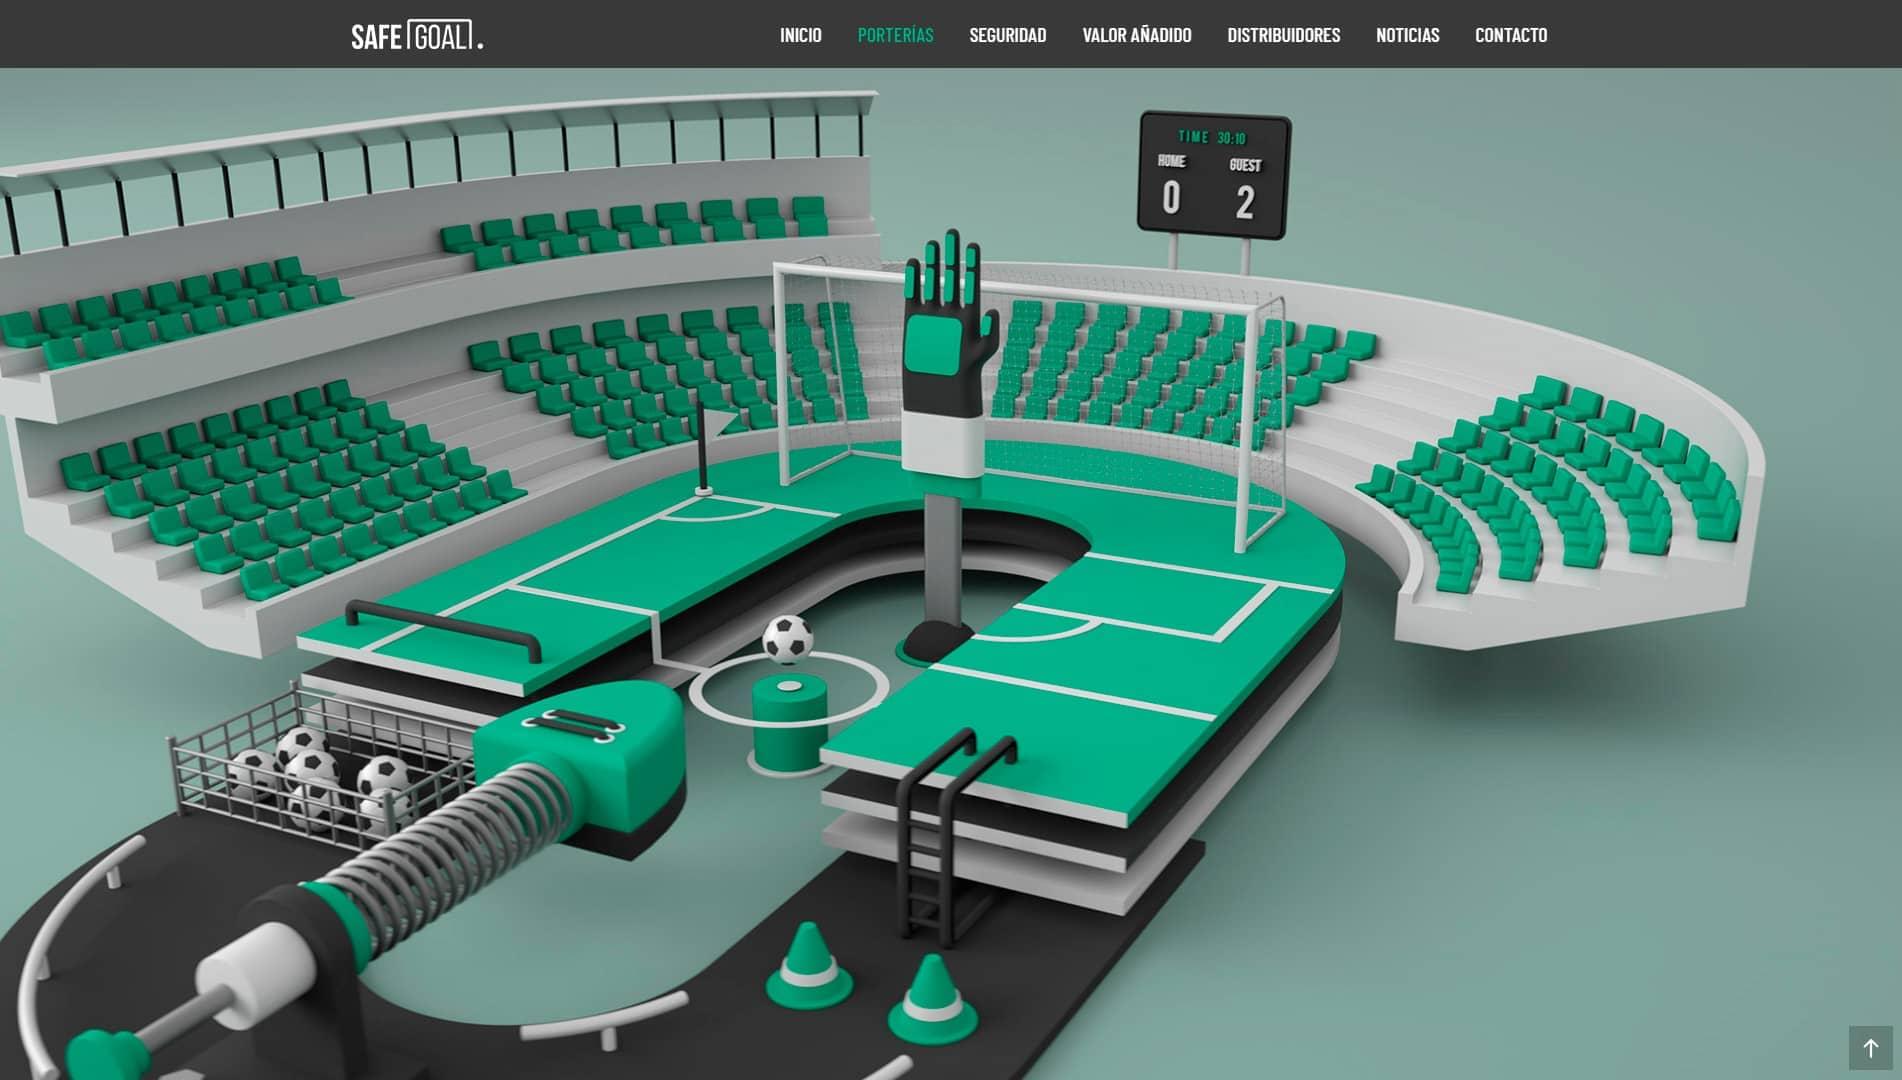 Diseño web corporativa y diseño gráfico para SafeGoal